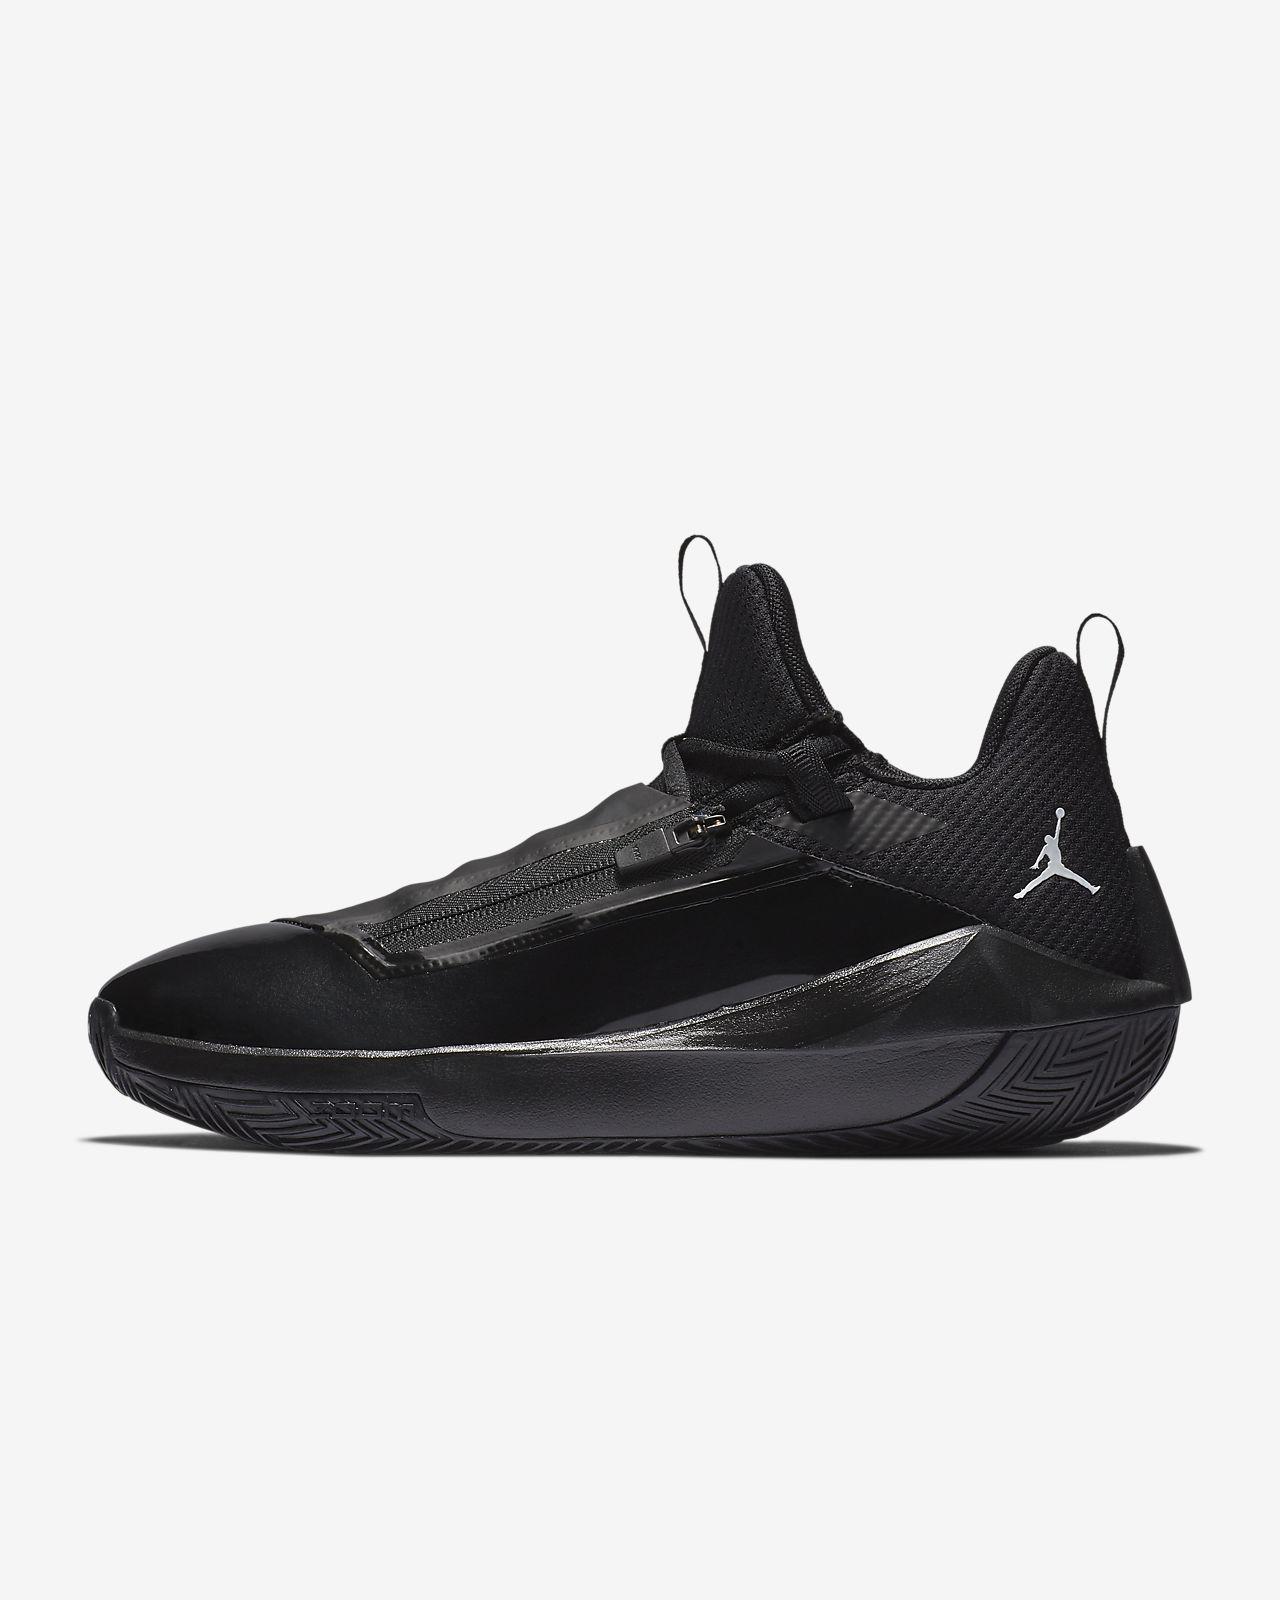 Ανδρικό παπούτσι μπάσκετ Jordan Jumpman Hustle. Nike.com GR ef97cf028d0